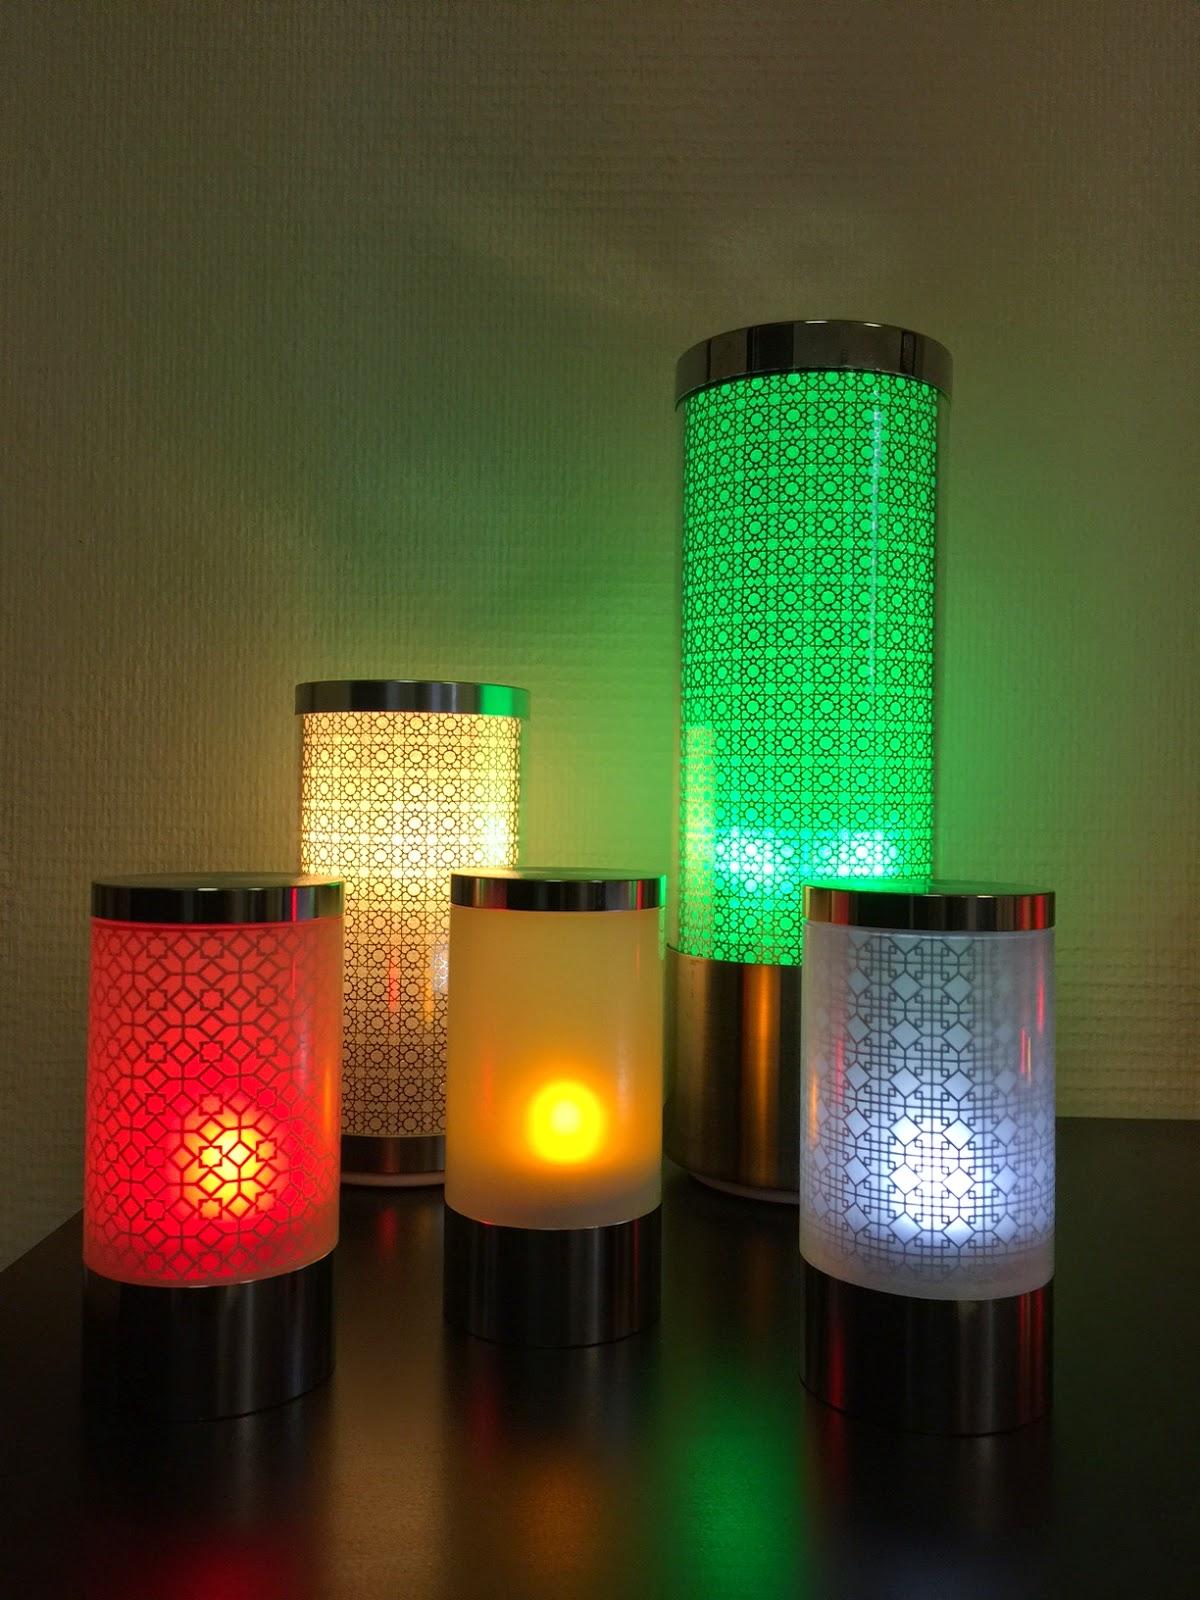 Midlightsun lampes de table led sans fil rechargeables - Lampe a recharger ...